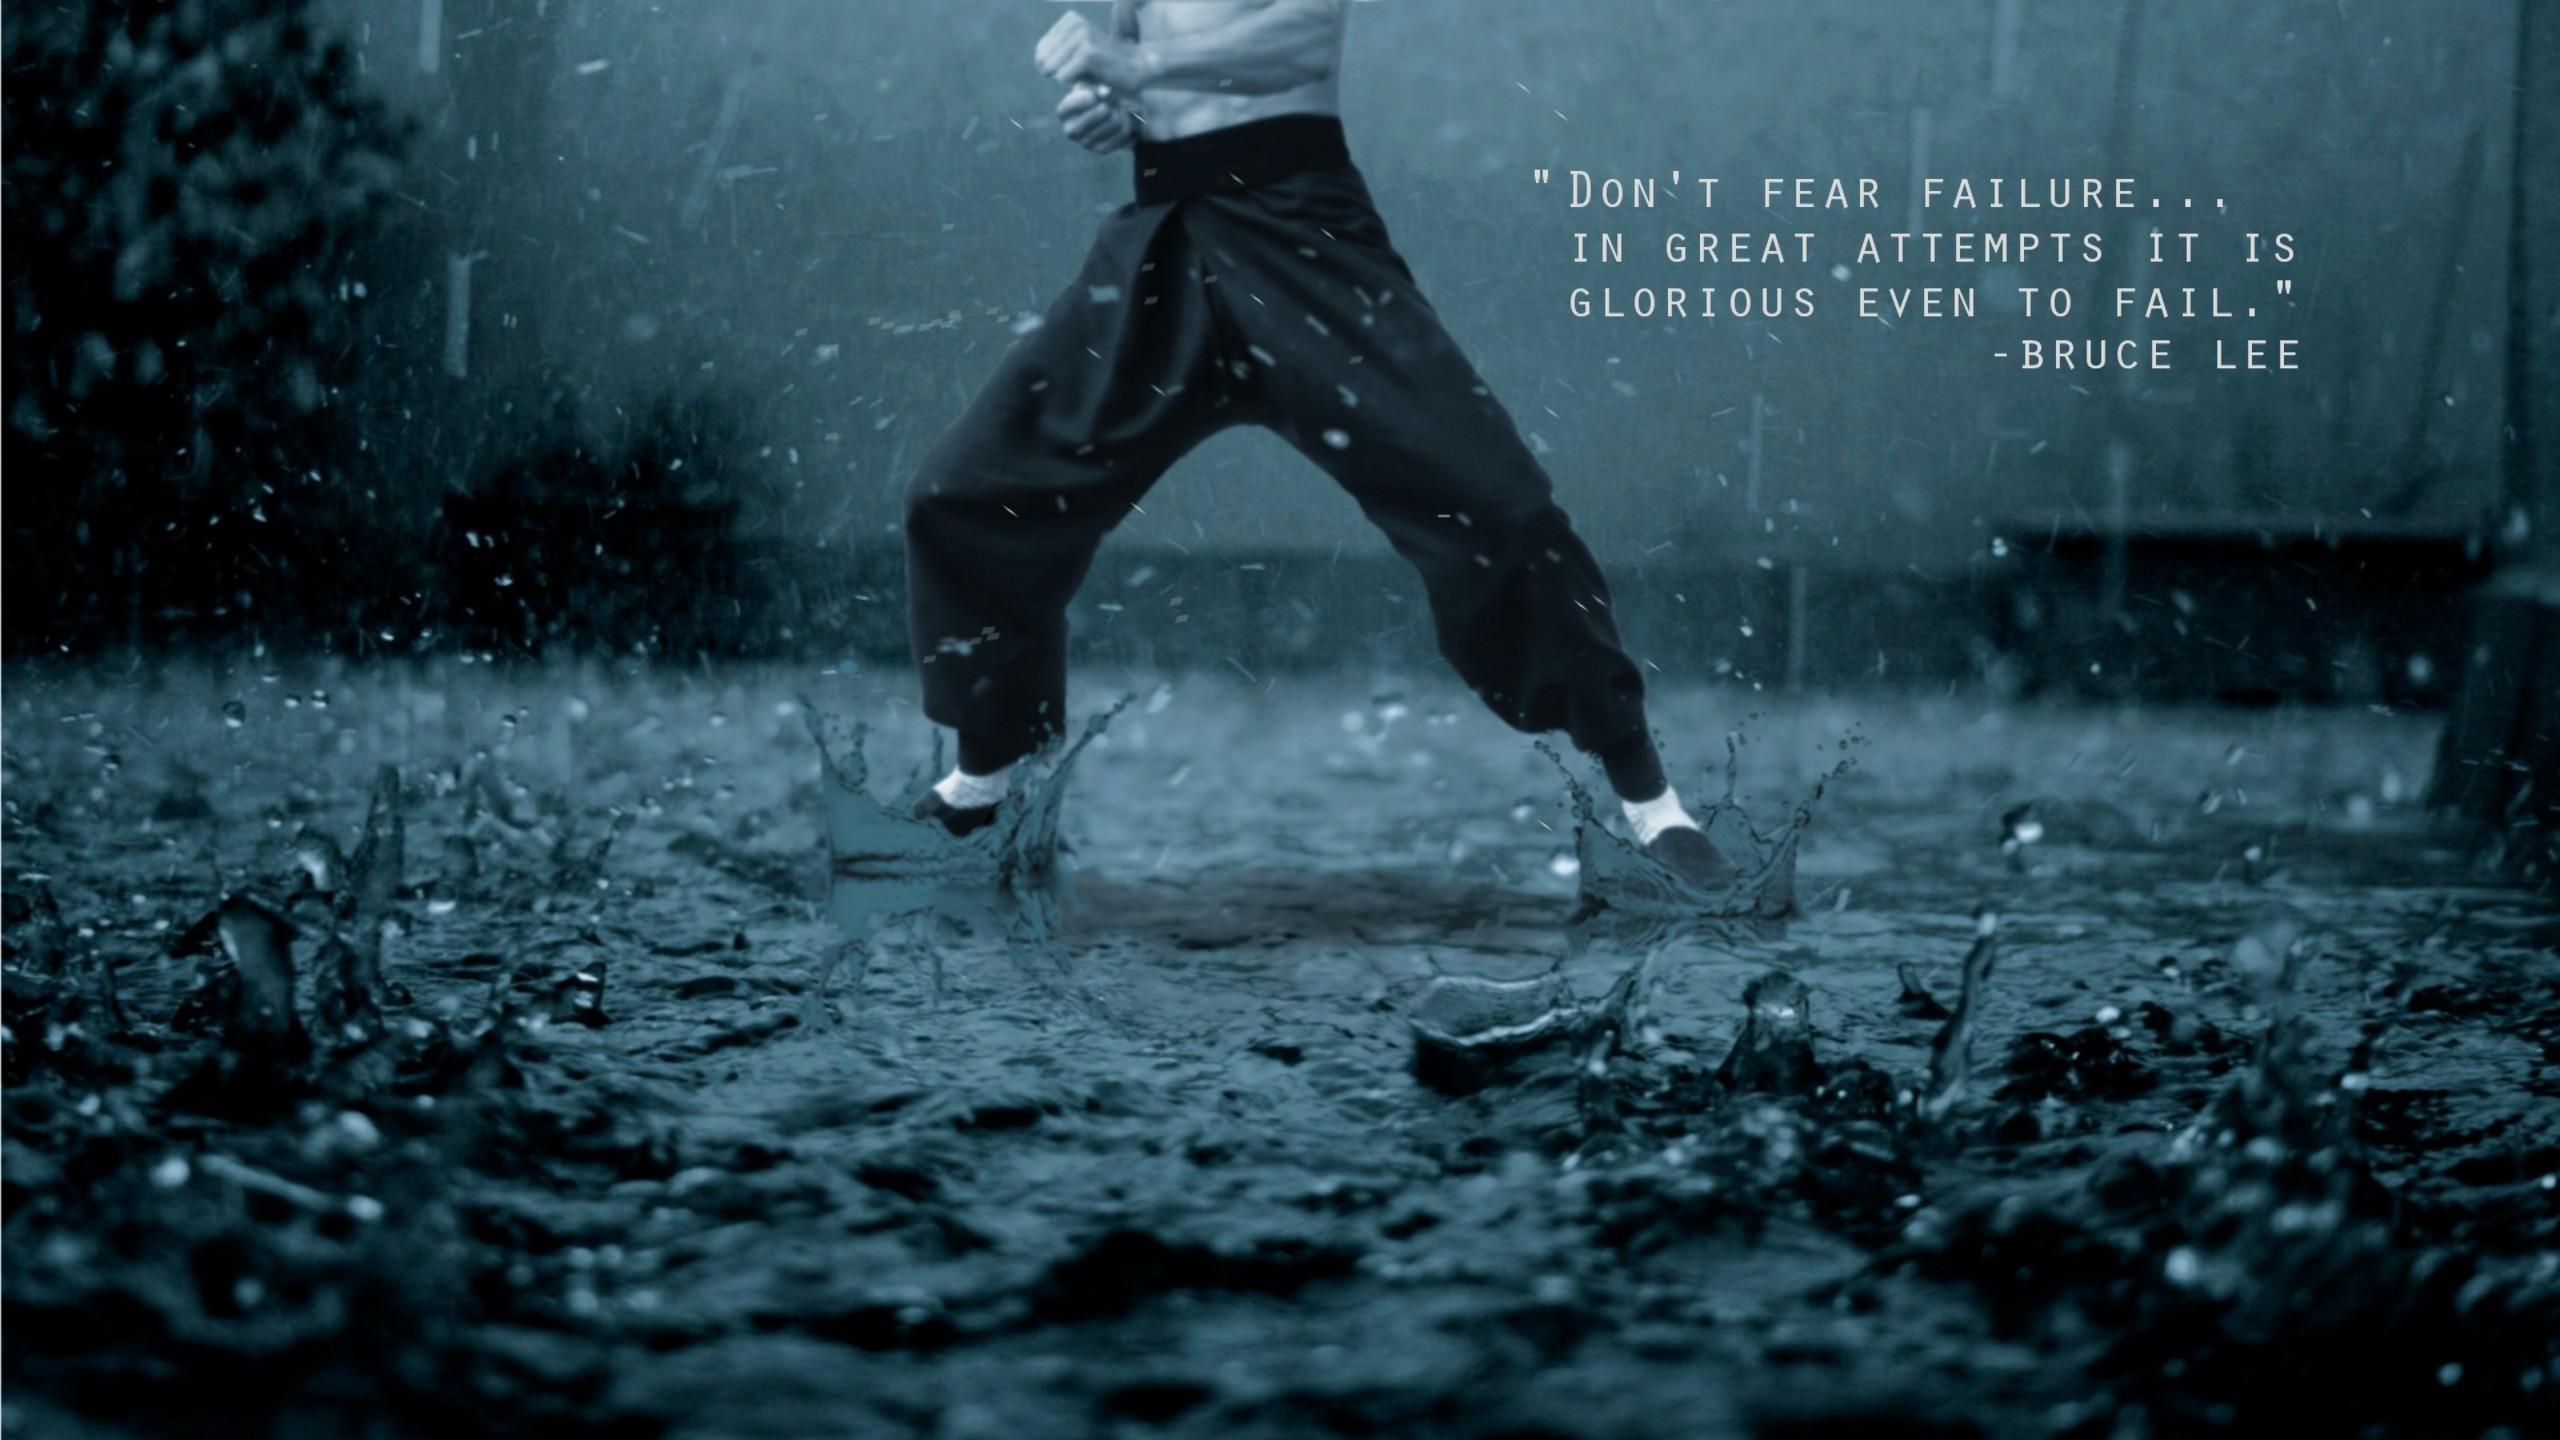 Wallpaper Martial Arts 70 Images